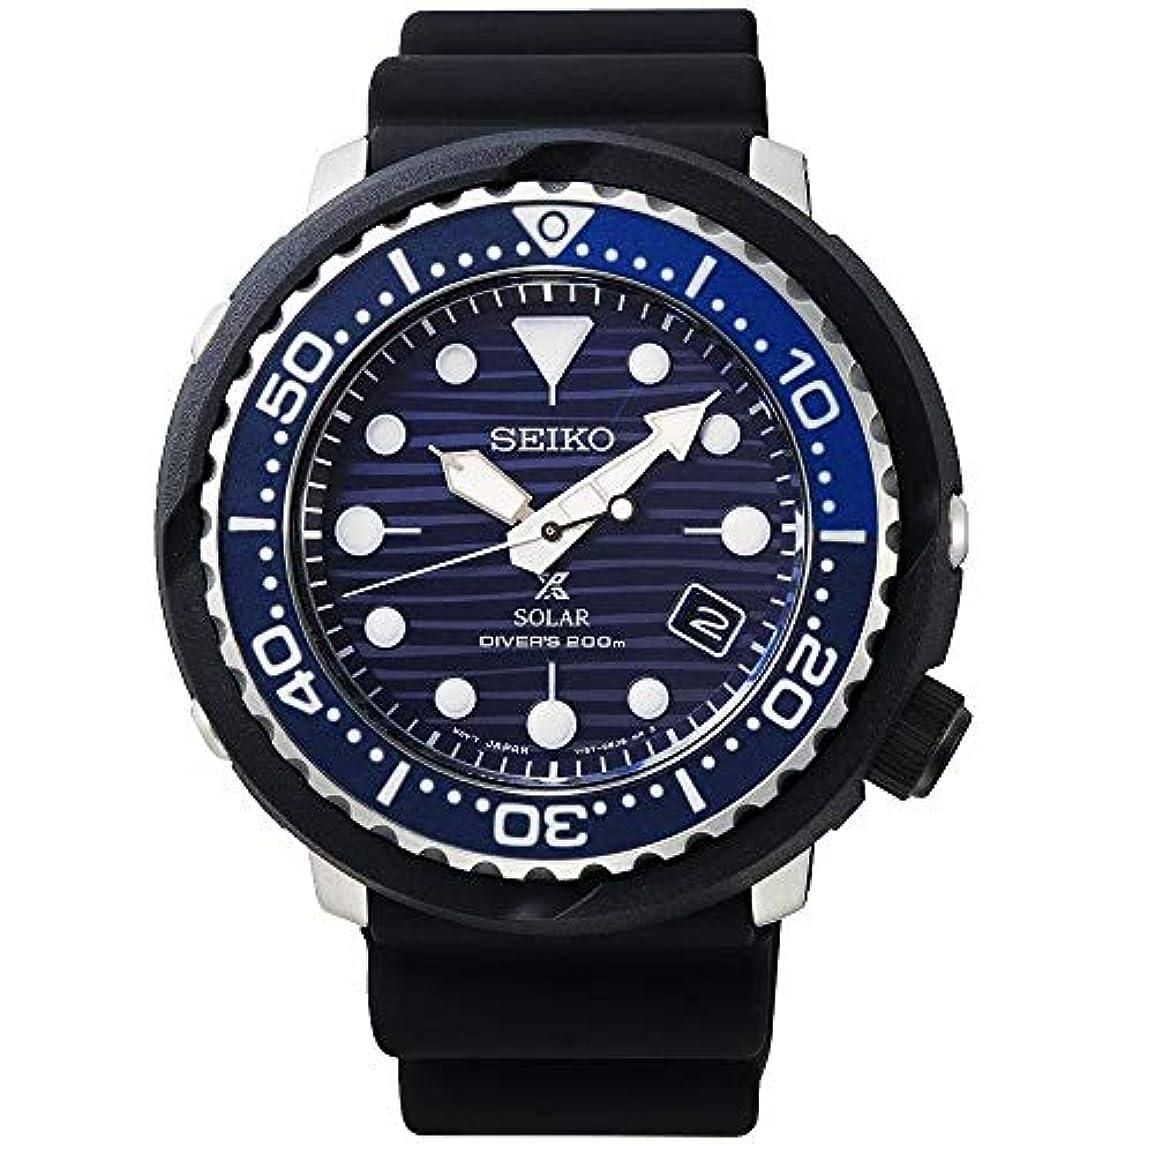 液体二週間フットボール【セット商品】セイコー SEIKO プロスペックス PROSPEX ソーラー 200Mダイバーズ 腕時計 SNE518P1 &マイクロファイバークロス 13×13cm付き [逆輸入品]